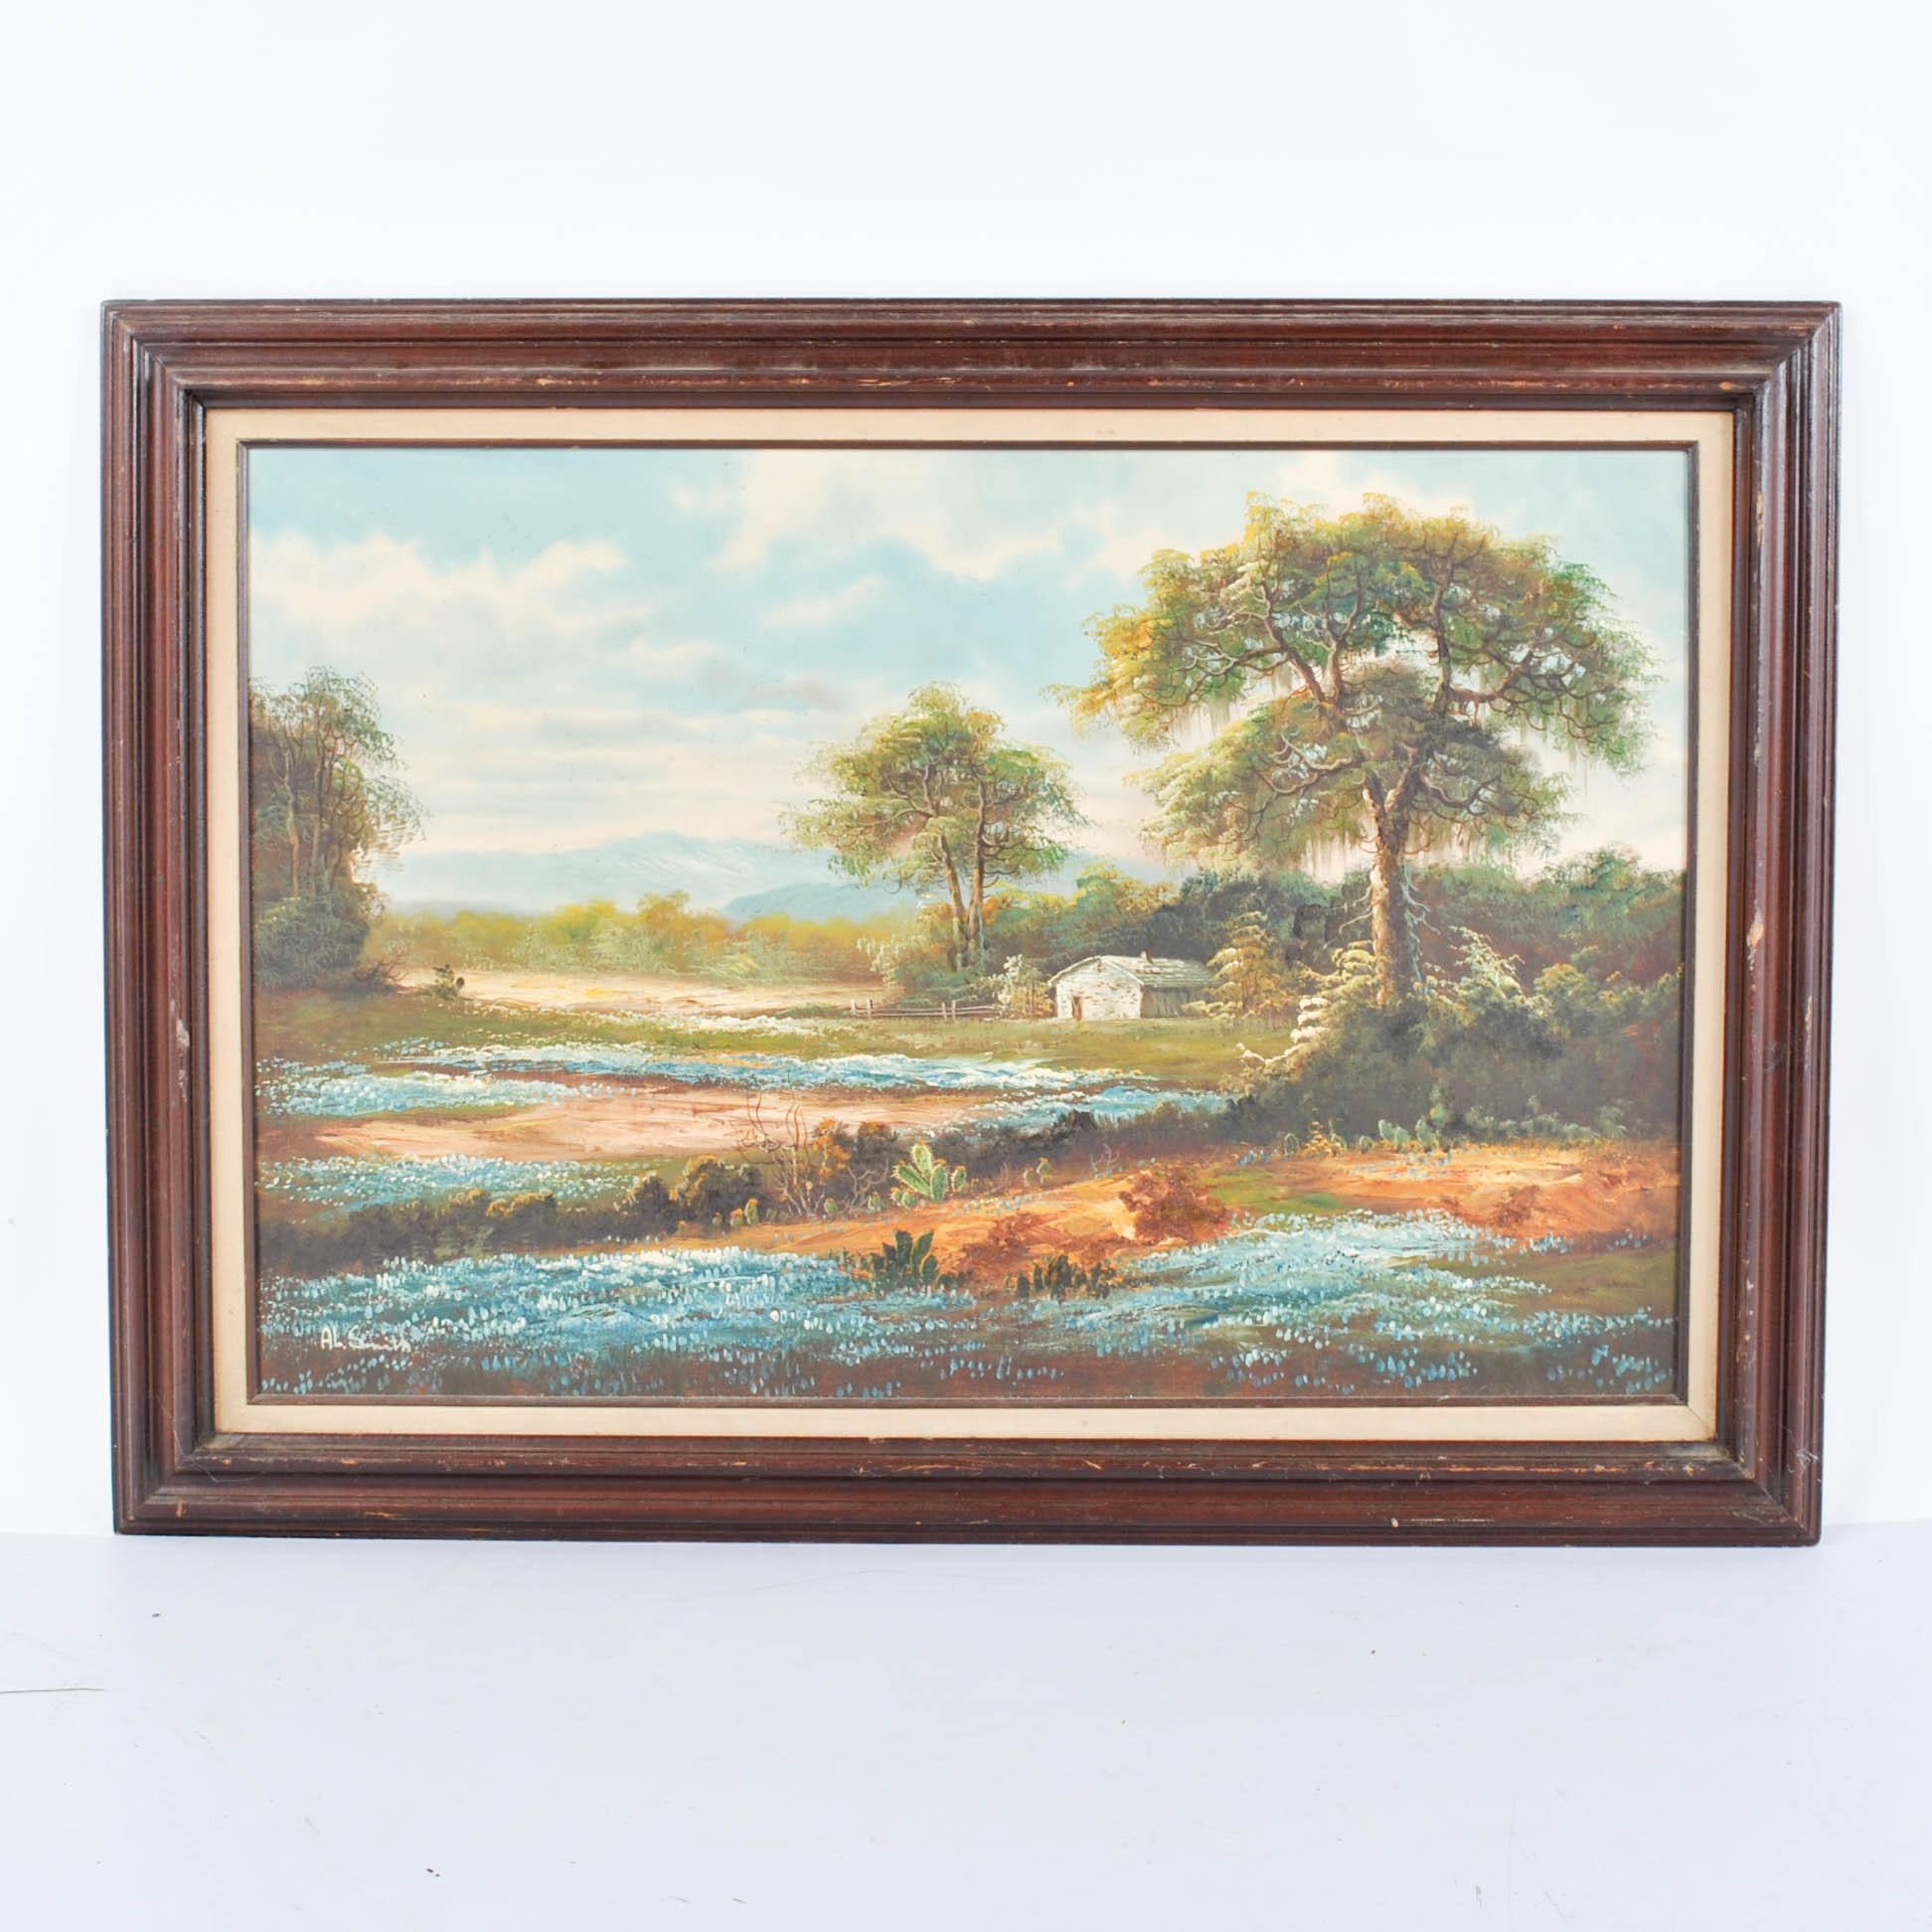 Al Smith Oil Landscape Painting